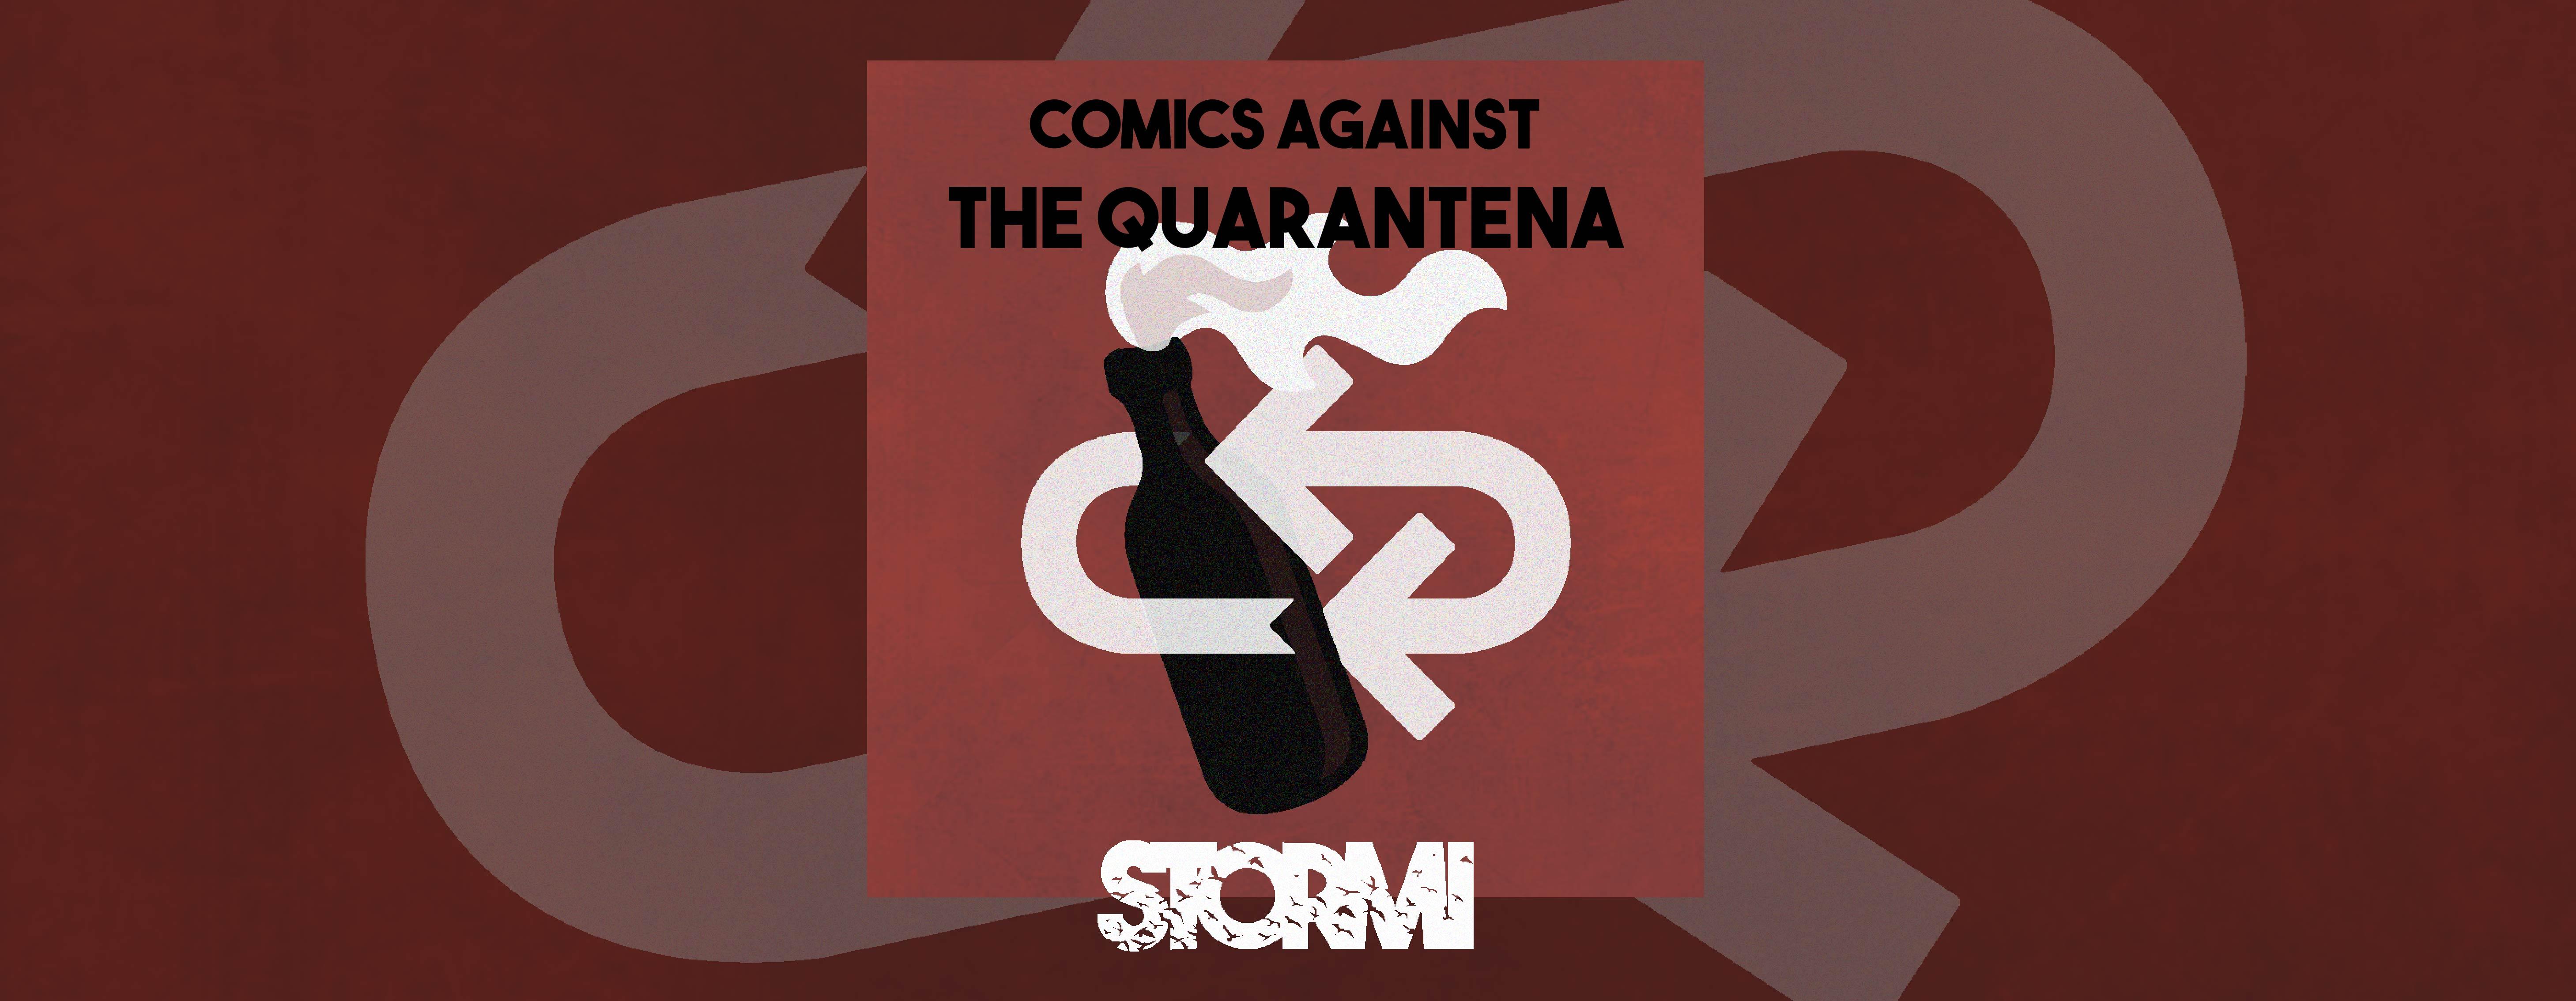 Comics Against The Quarantena